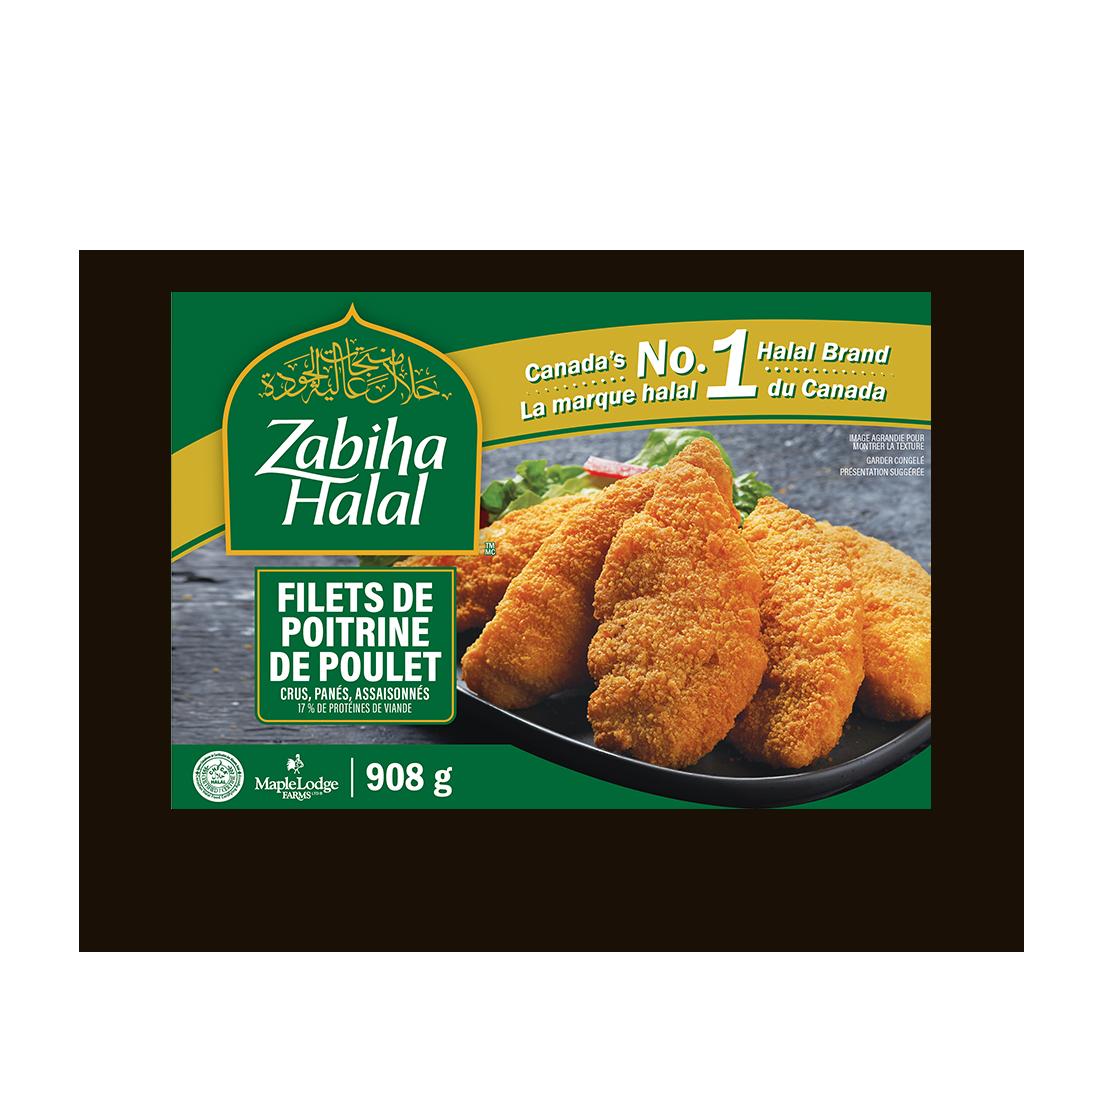 Un emballage de filets de poitrine de poulet surgelés